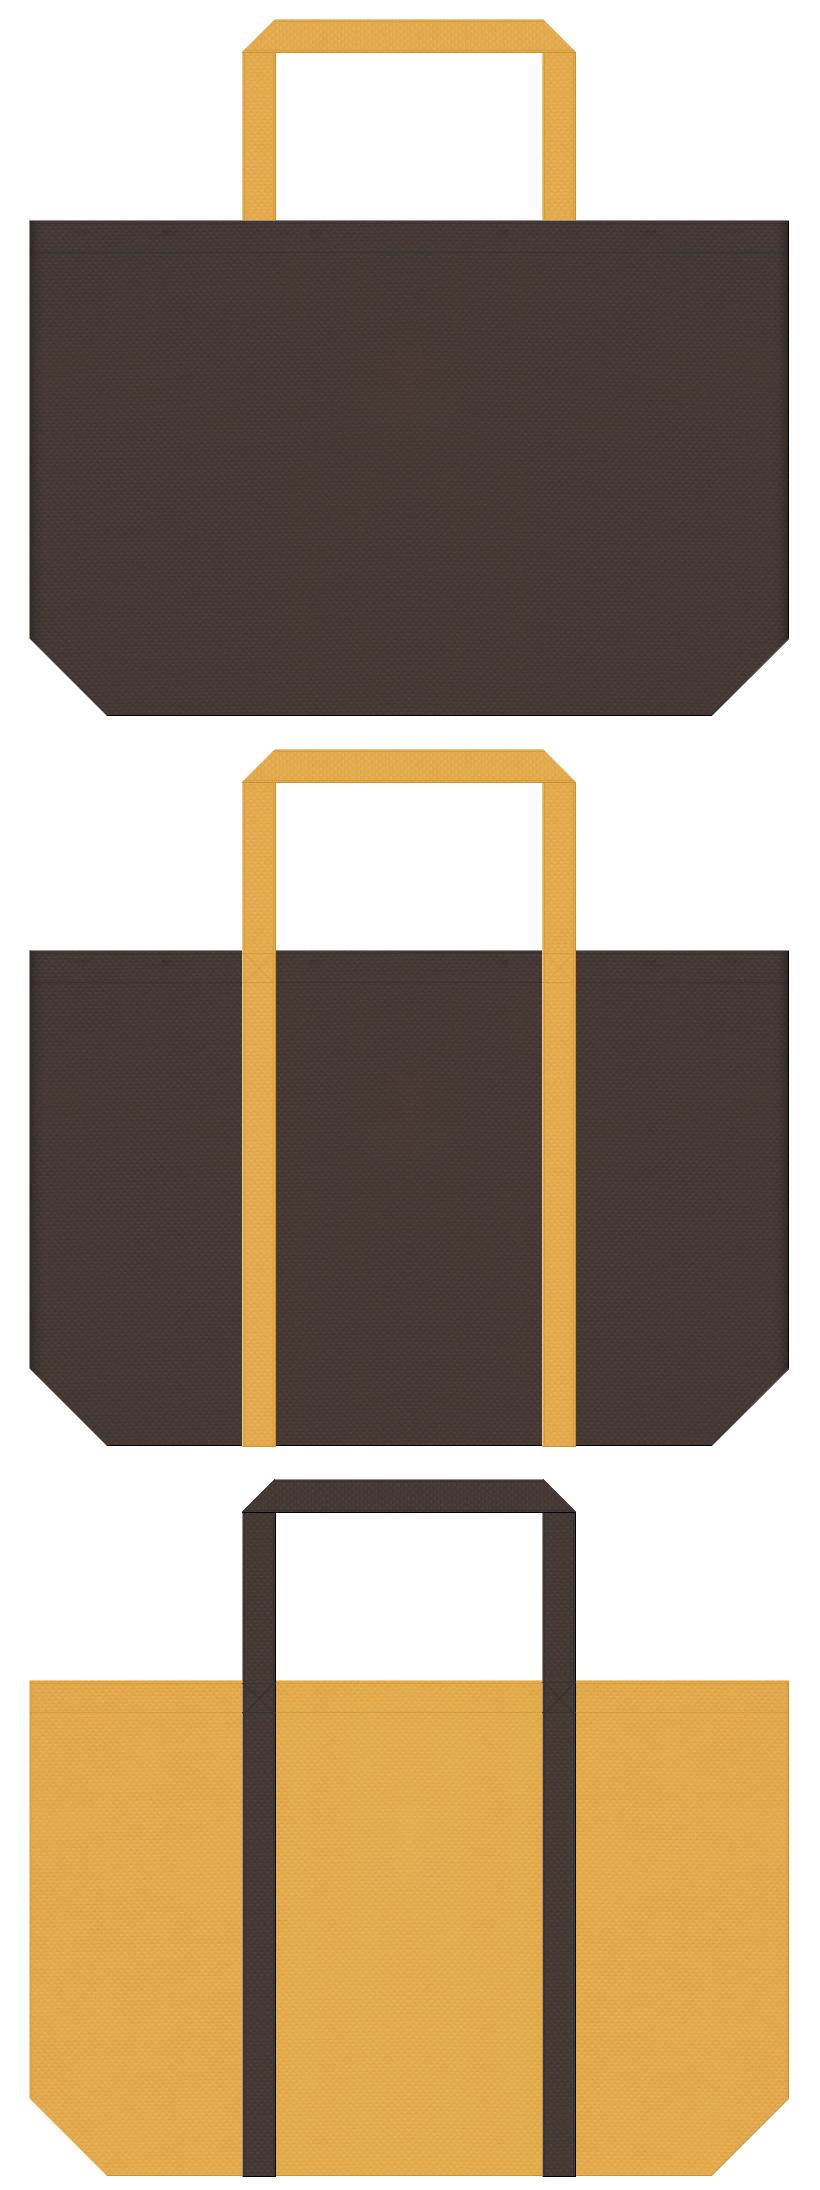 毛糸・手芸・秋冬ファッション・西部劇・ウィスキー・木製インテリア・木製玩具・木製食器・住宅展示場・日曜大工・工作教室・DIY・フライヤー・ドーナツ・カフェ・レストラン・フードコート・石窯パン・チョコクッキー・サブレ・スイーツ・和菓子・ベーカリーのショッピングバッグにお奨めの不織布バッグデザイン:こげ茶色と黄土色のコーデ